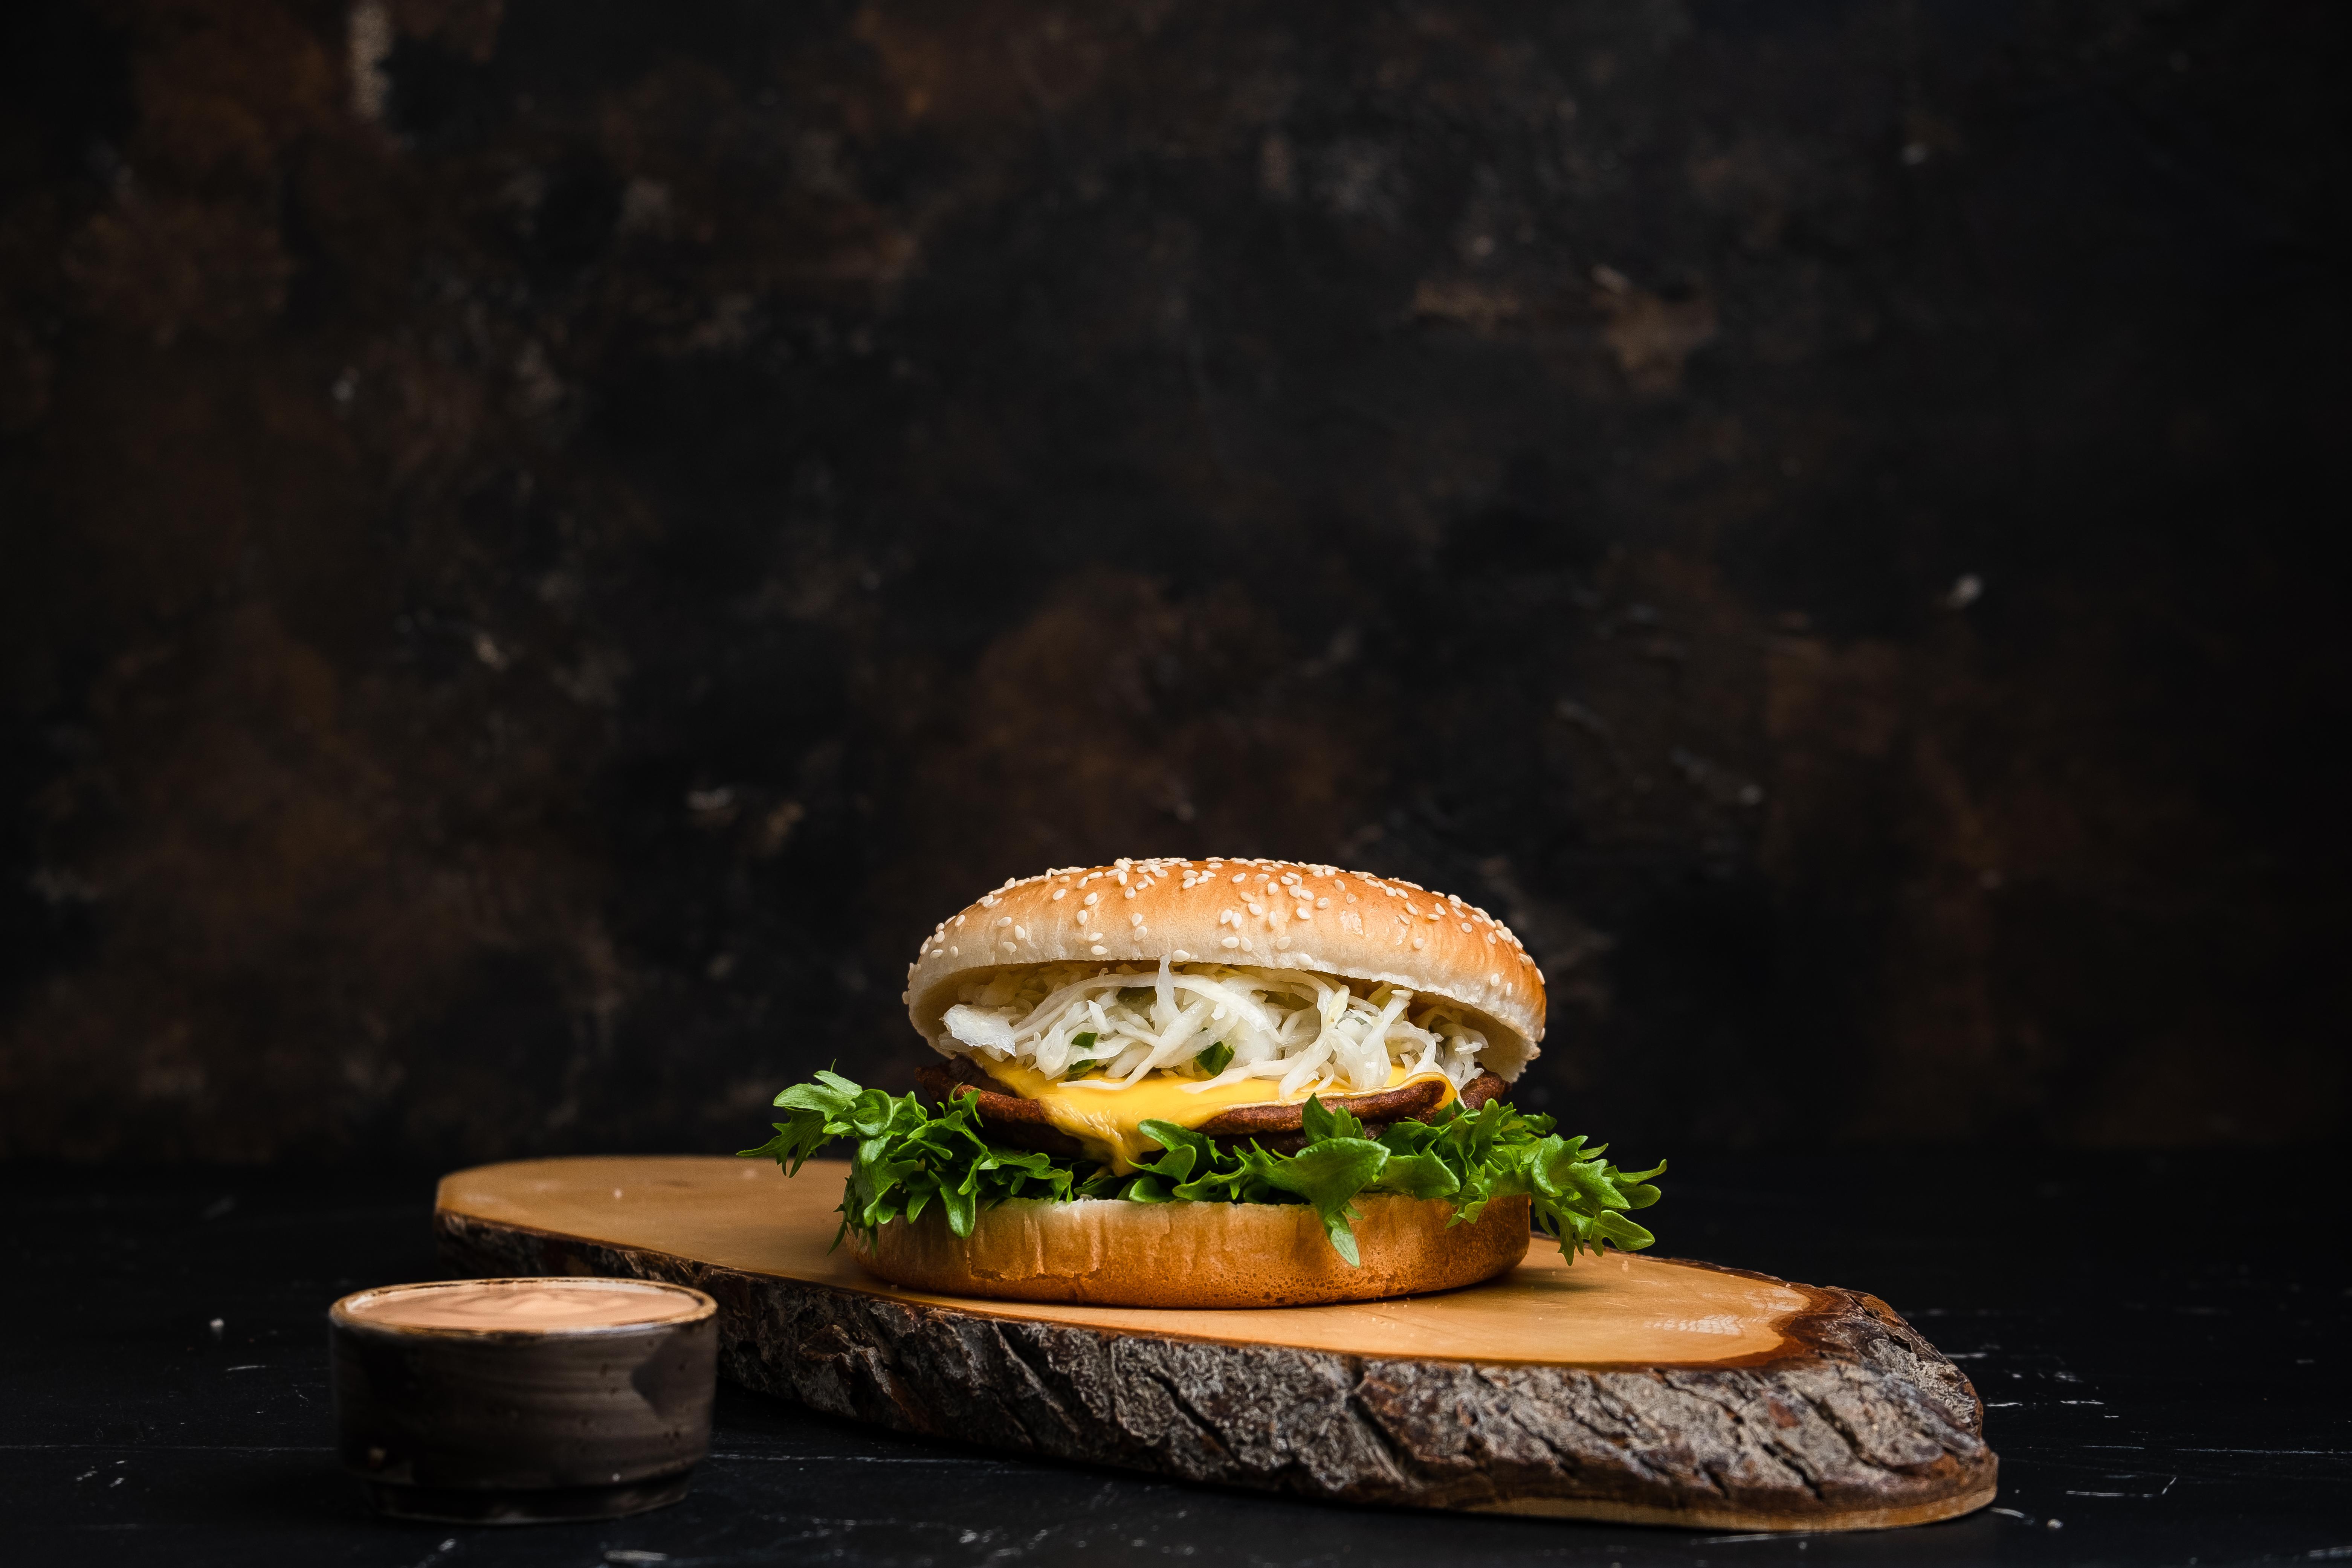 Kanashnitsli burger